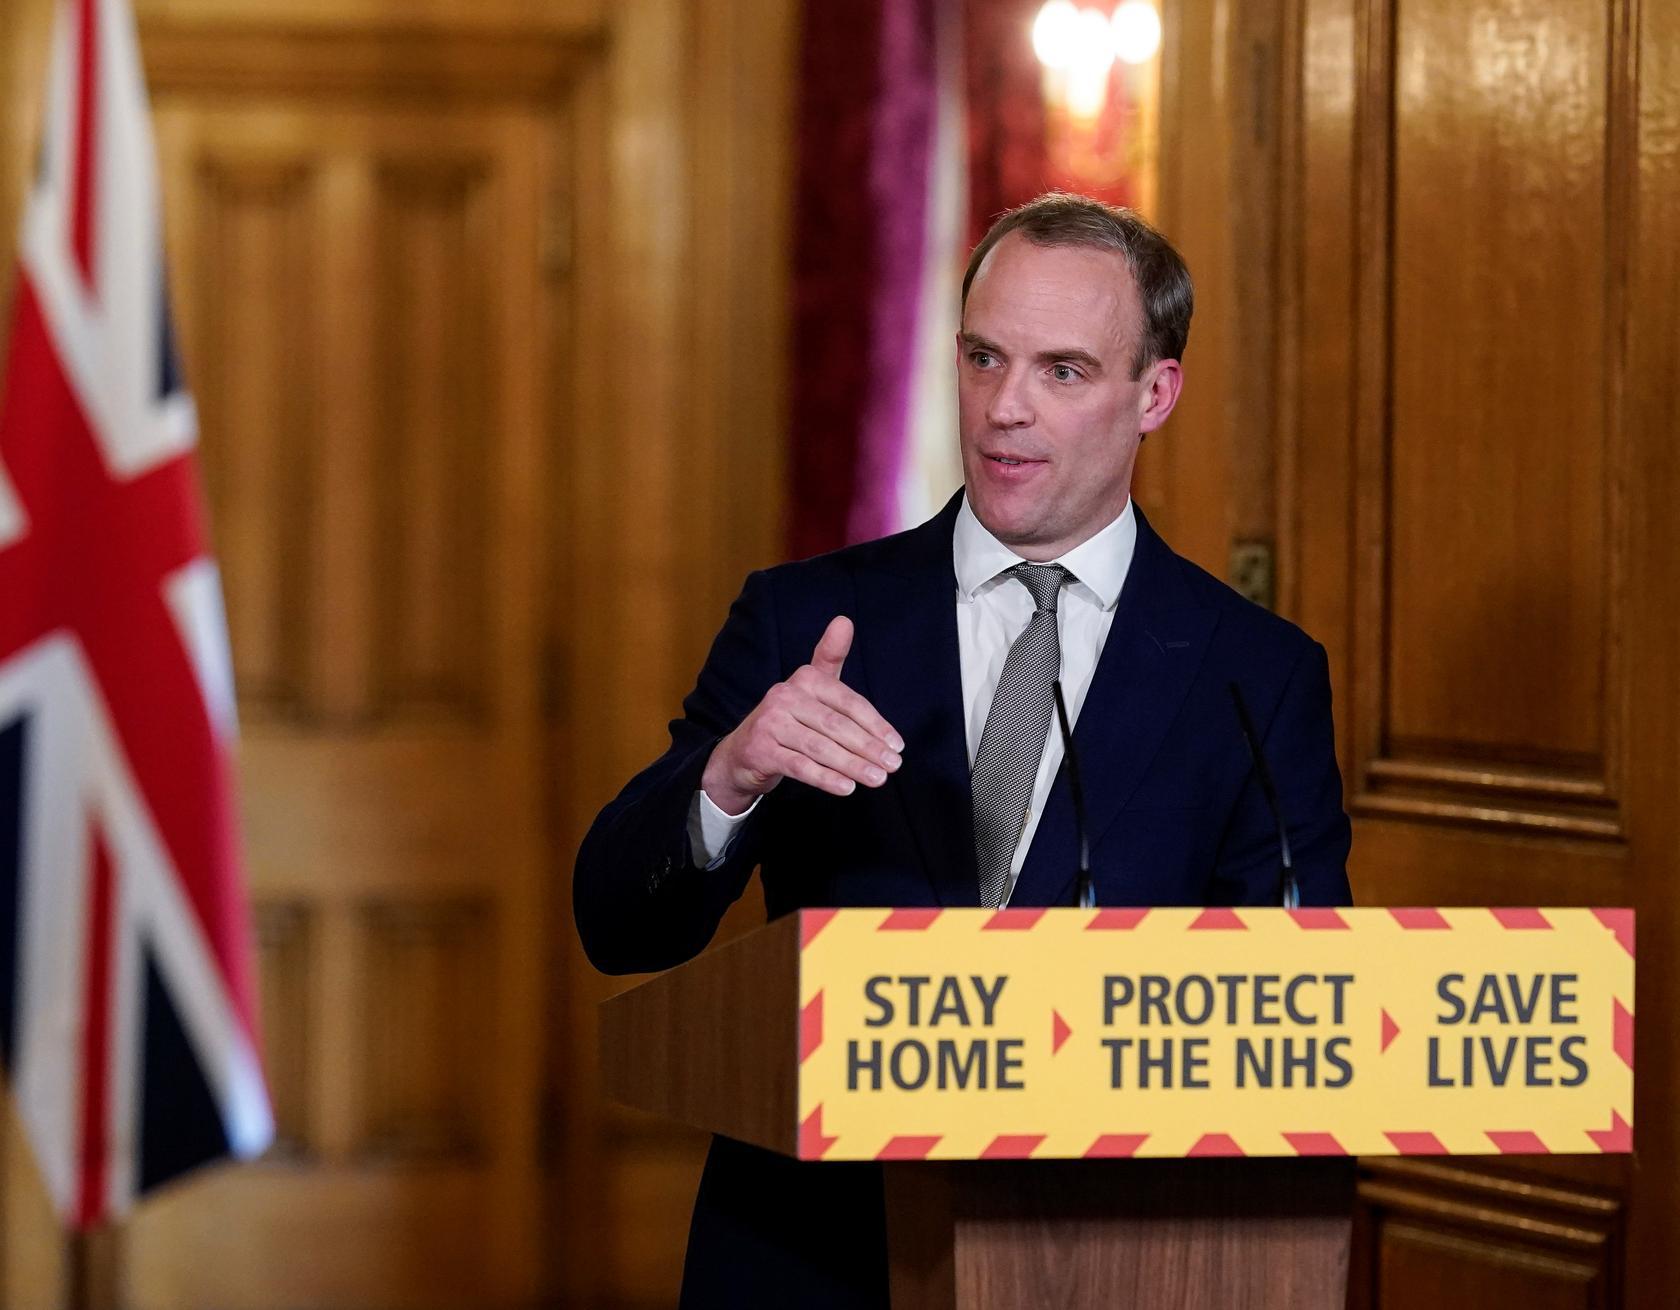 United Kingdom coronavirus death toll hits 18 100 as peak nears